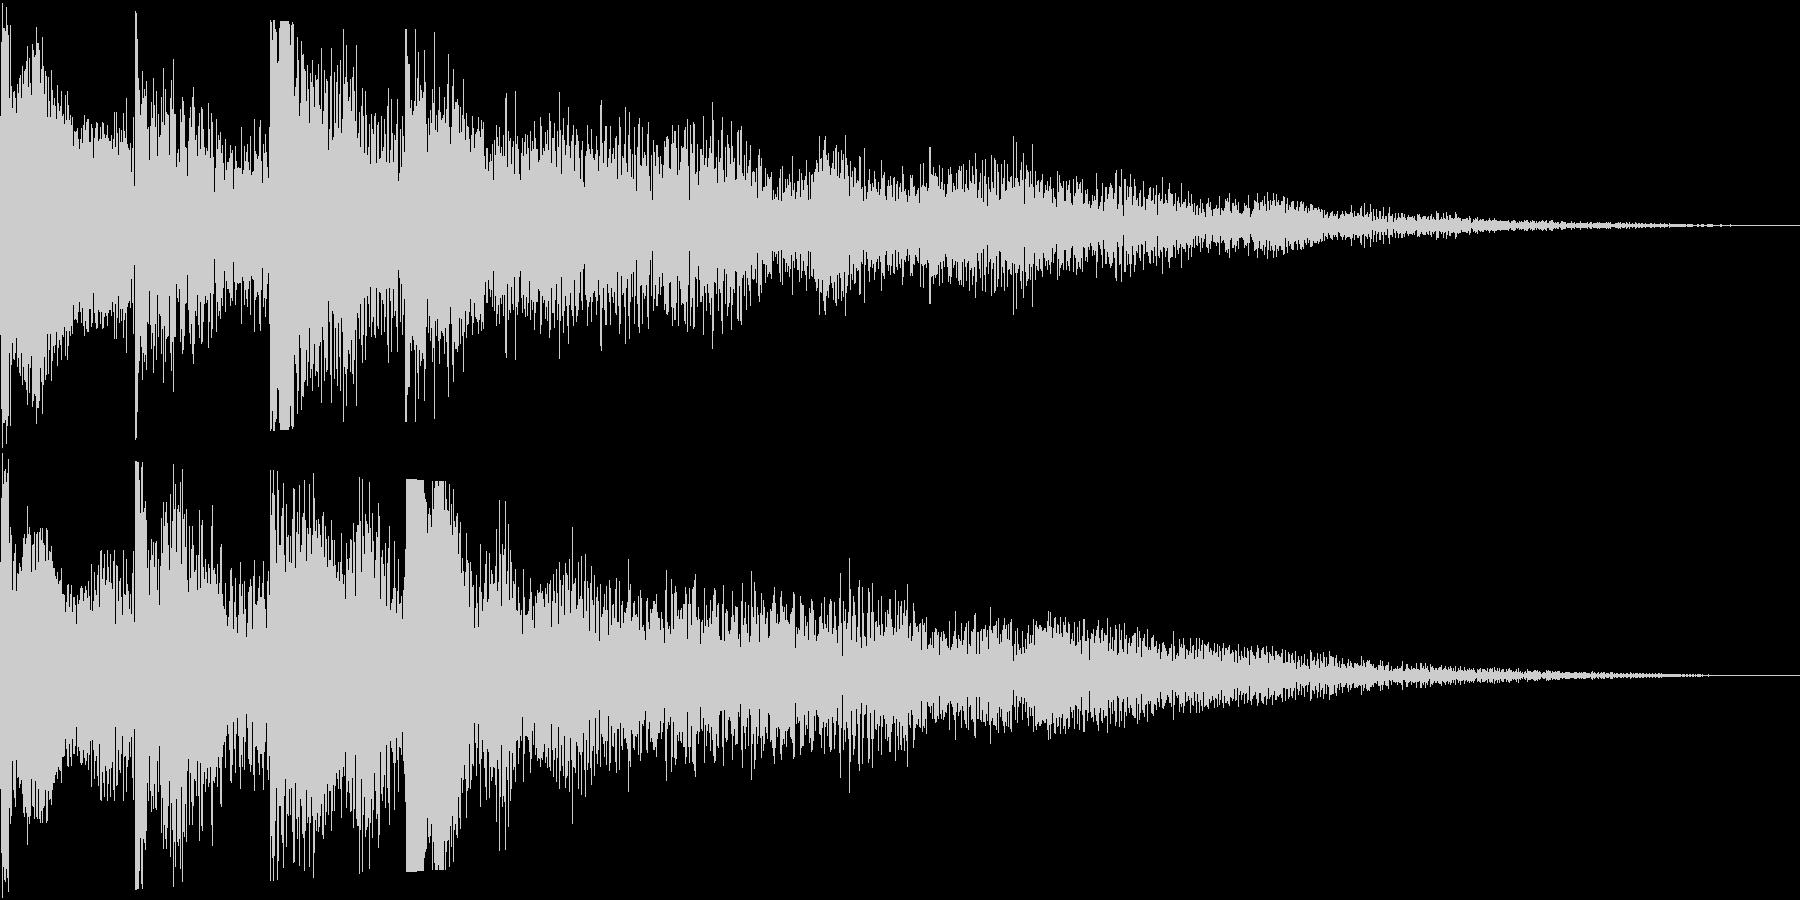 起動音のような電子音のサウンドロゴ短めの未再生の波形